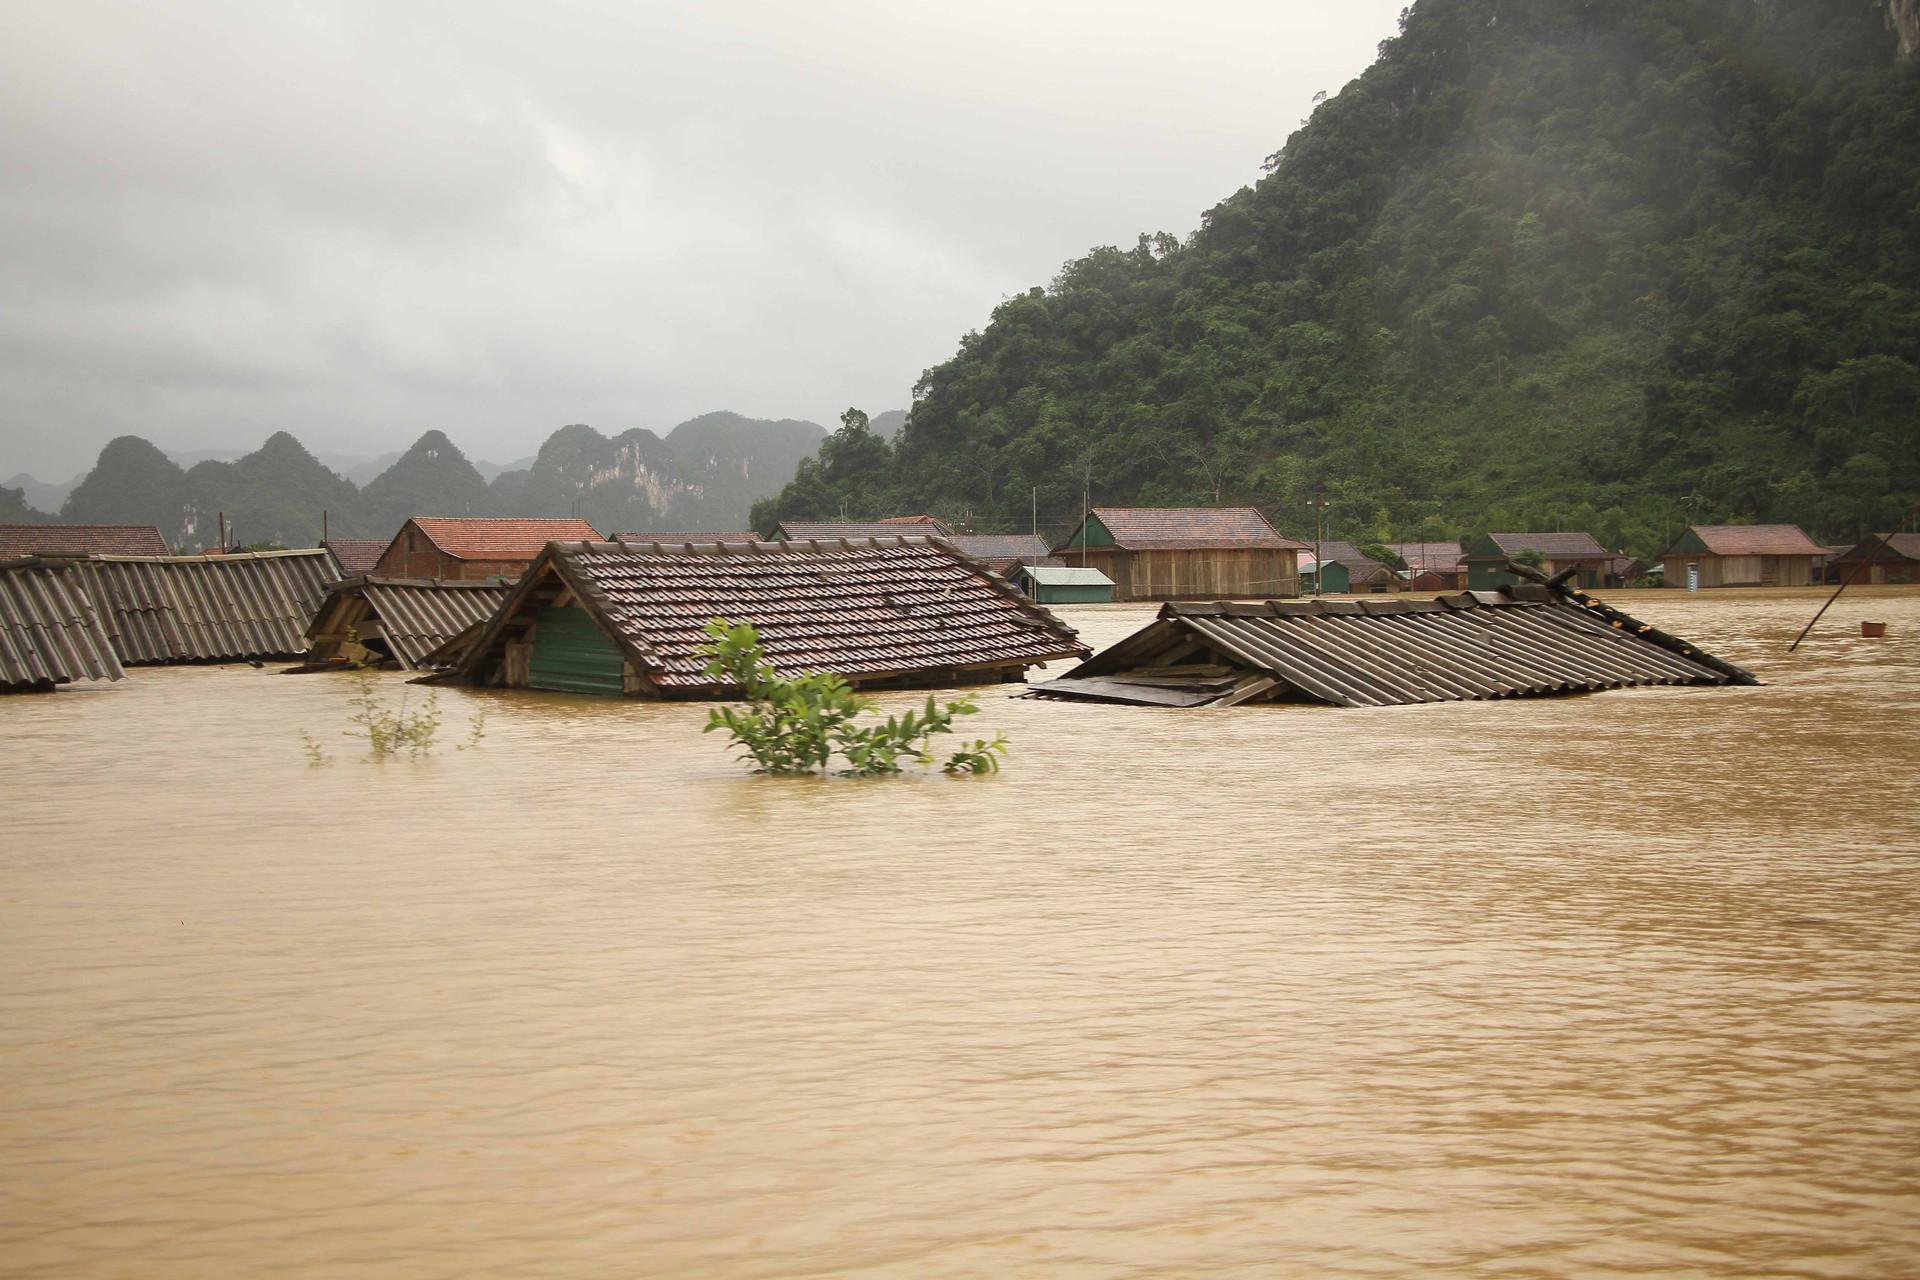 Quảng Bình: Hơn 34.100 nhà ngập lụt, giao thông ách tắc nghiêm trọng vì mưa lũ